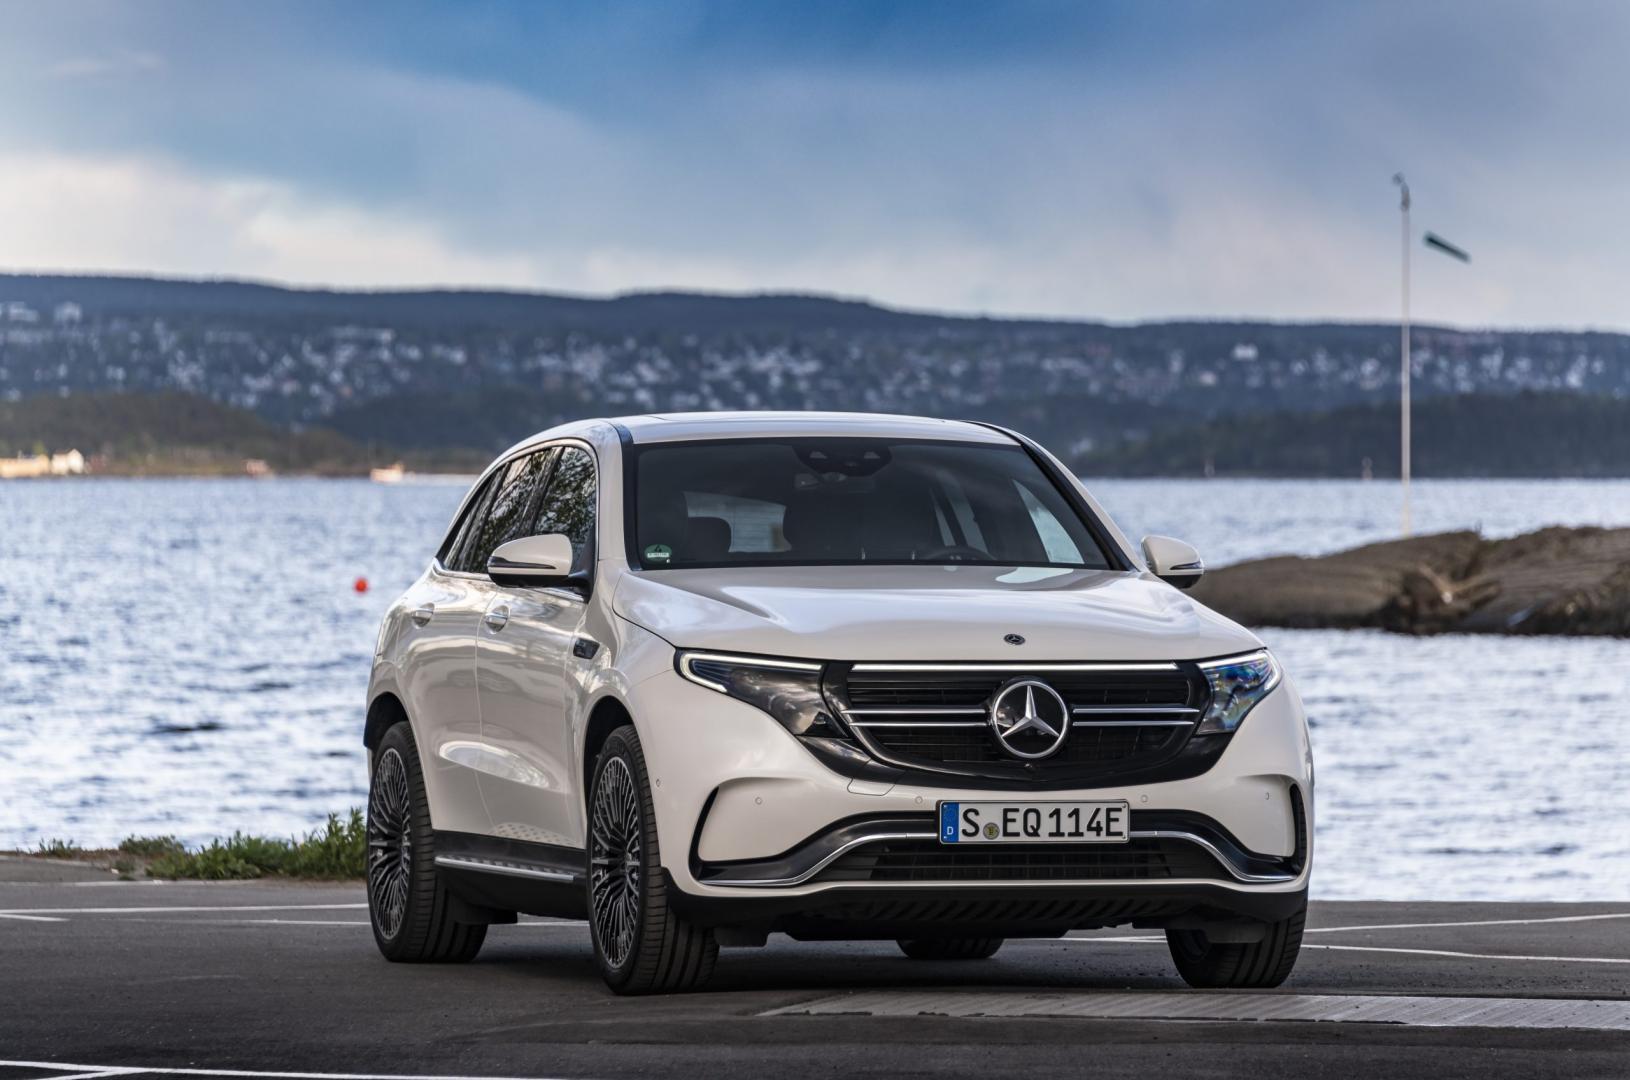 Mercedes EQC 2019Mercedes EQC 2019